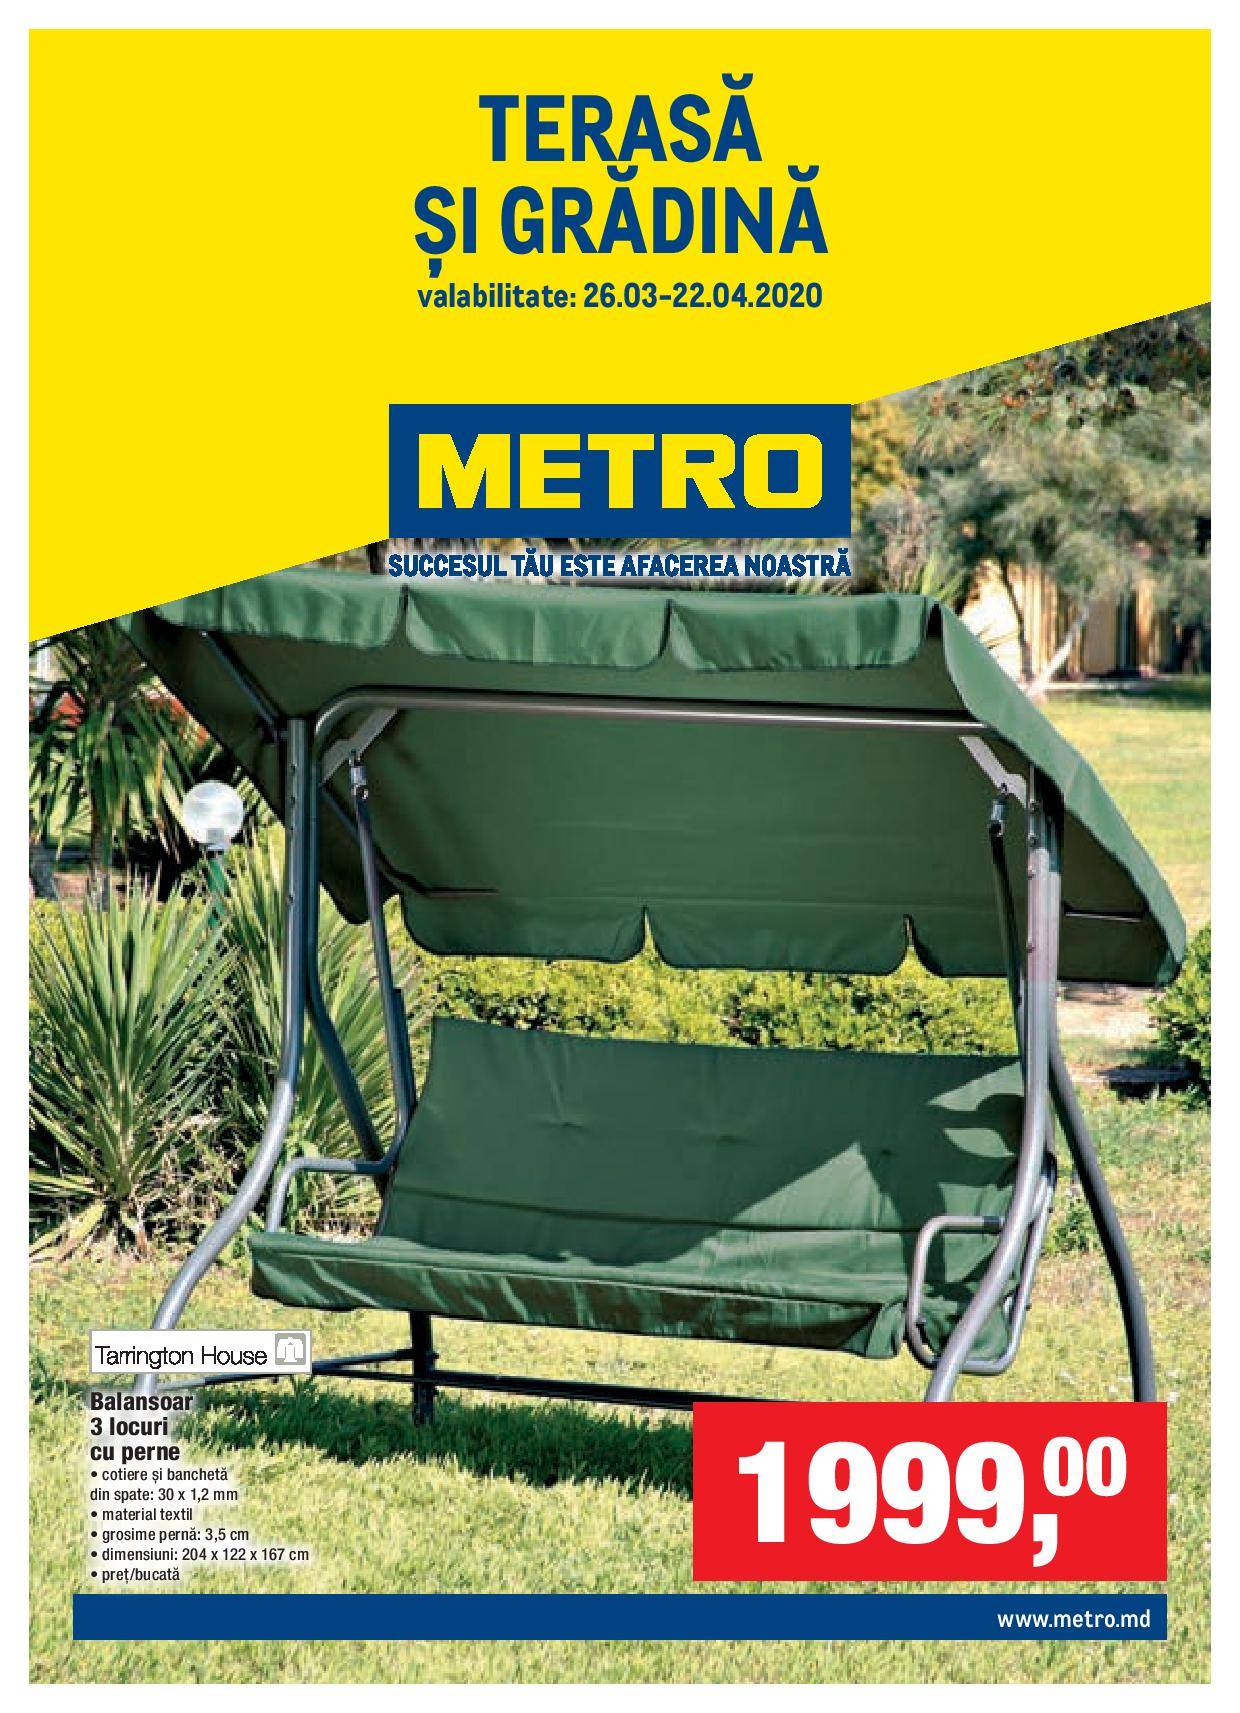 Metro Catalog Special Terasă și Grădină Nr 7